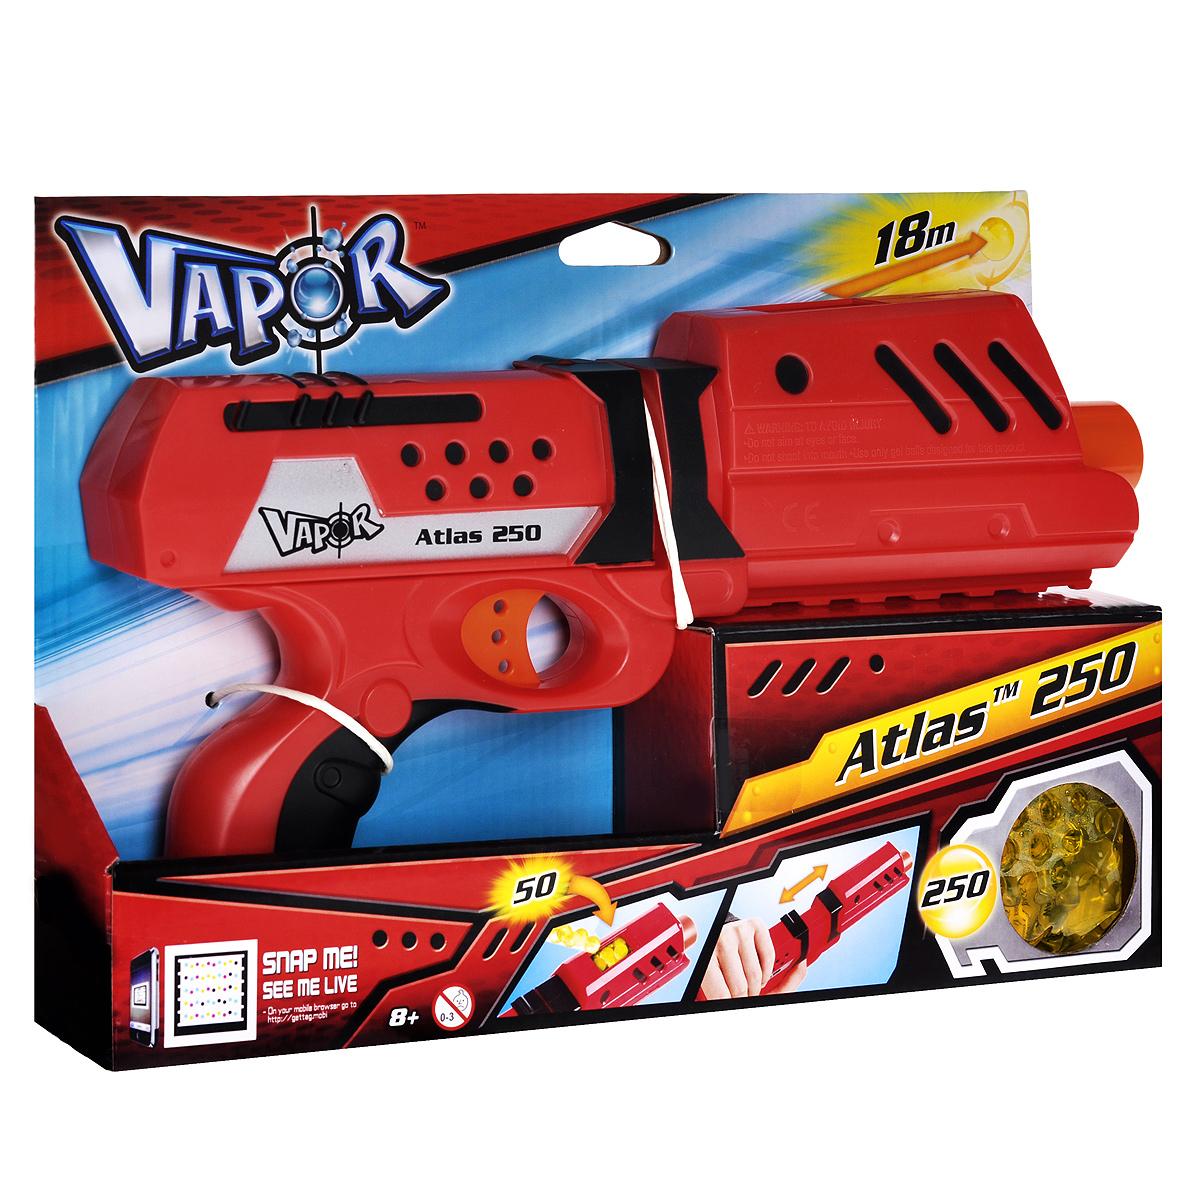 Бластер Vapor Атлас 250, с пульками, цвет: красный10073791Бластер Vapor Атлас 250 позволит вашему ребенку почувствовать себя во всеоружии! Он выполнен из прочного безопасного пластика красного и черного цветов. Бластер стреляет на расстояние до 18 метров. Комплект включает в себя бластер с отсеком на 50 зарядов и 250 гелевых пулек. Пульки представляют собой гелевые шарики, состоящие из воды и полимера. При попадании они безобидно отскакивают от предметов или рассыпаются на частички, не нанося никакого вреда и не оставляя мокрых пятен. Игра с бластером Атлас 250 поможет ребенку в развитии меткости, ловкости, координации движений и сноровки.